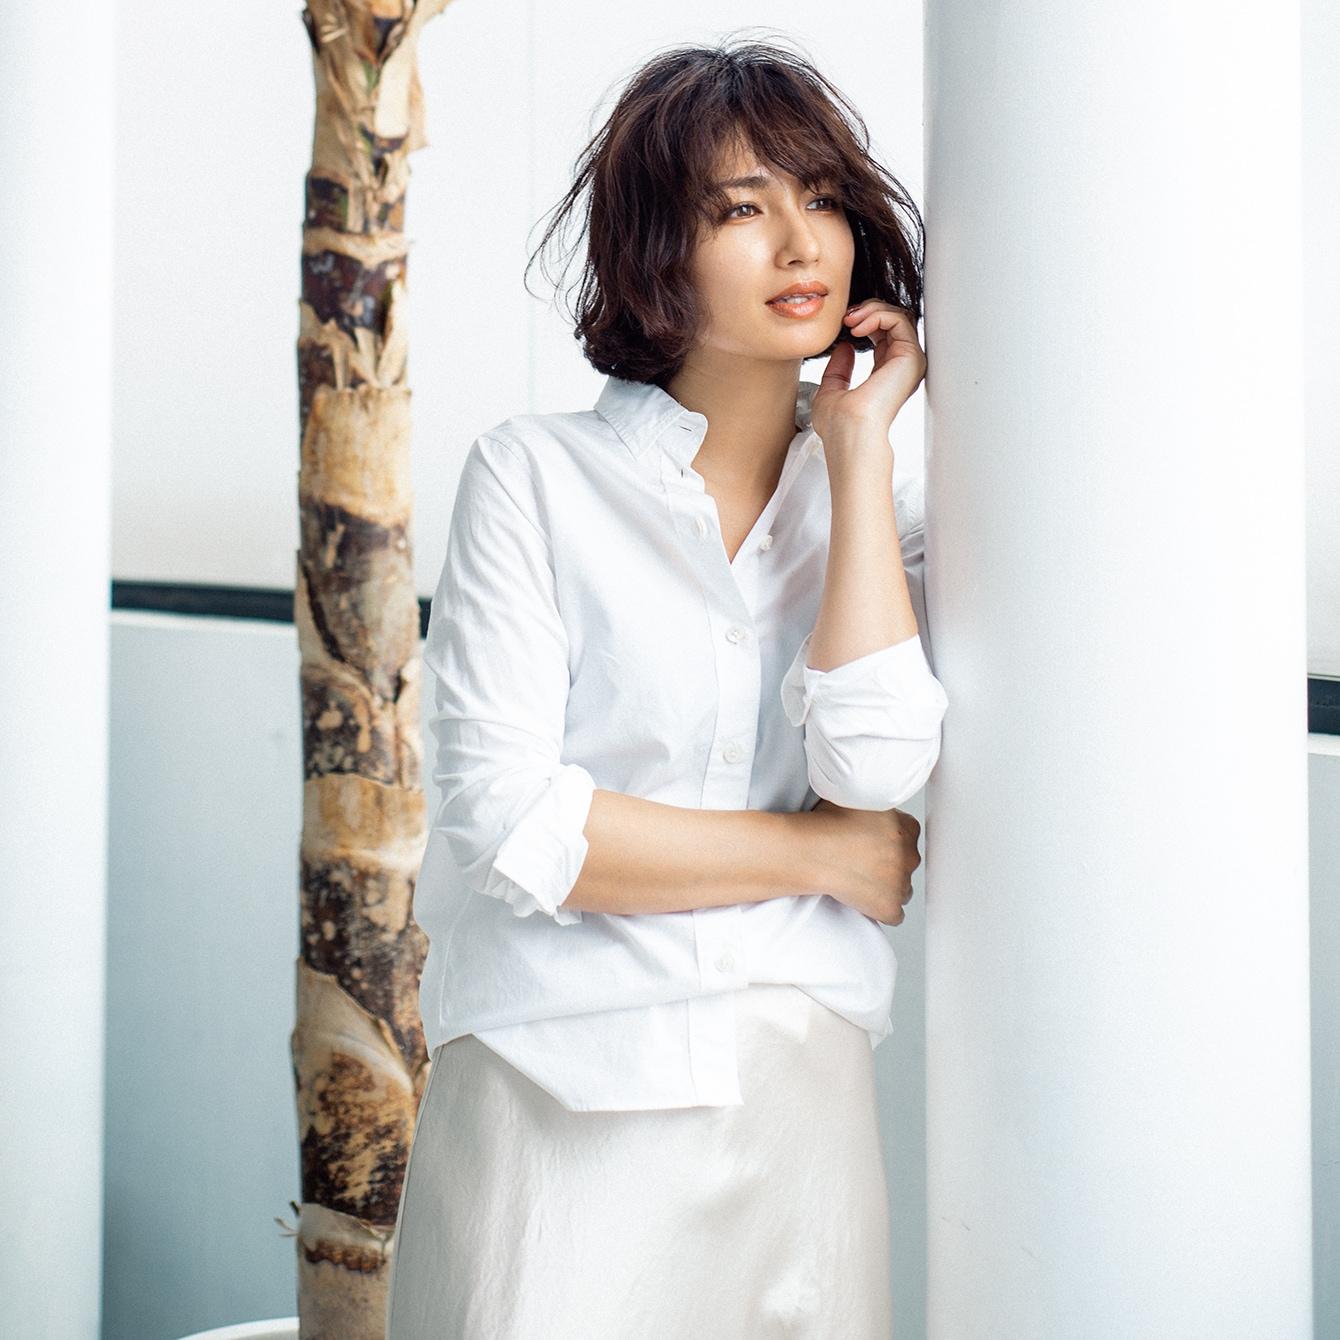 【白シャツ】佐田真由美さんの「Tシャツ代わりに白シャツを着る」方法